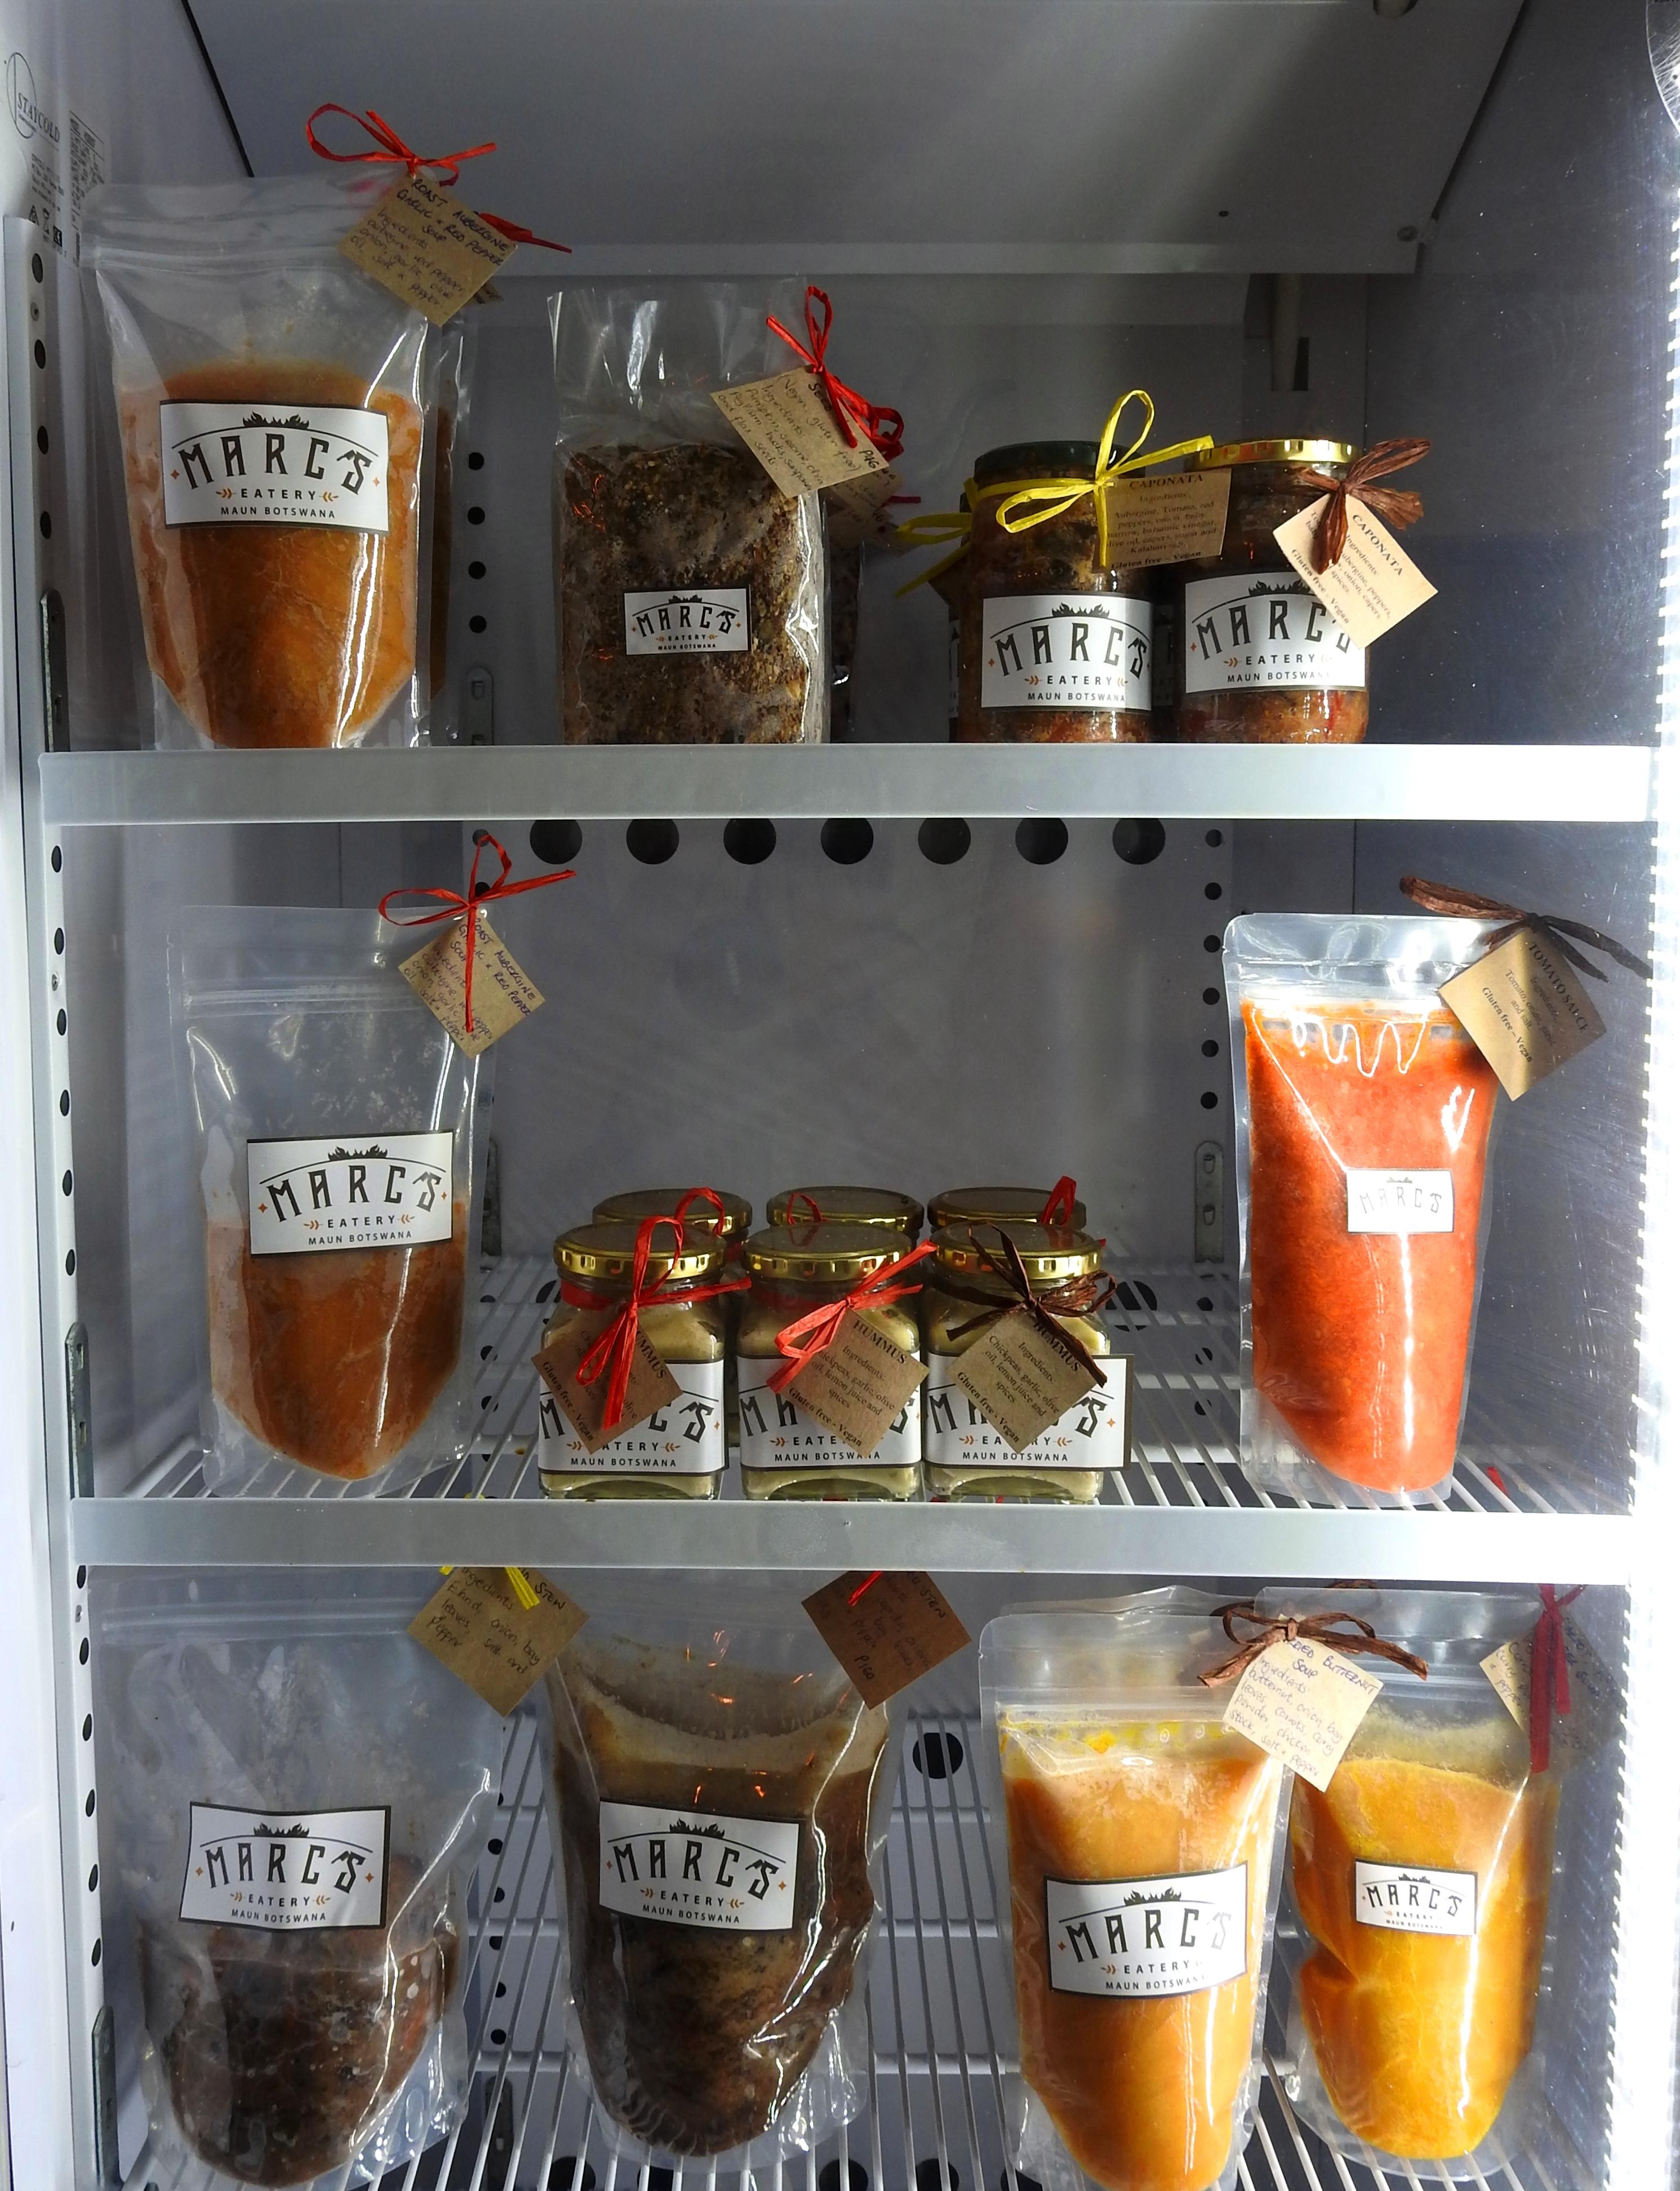 Marcs Deli Freezer